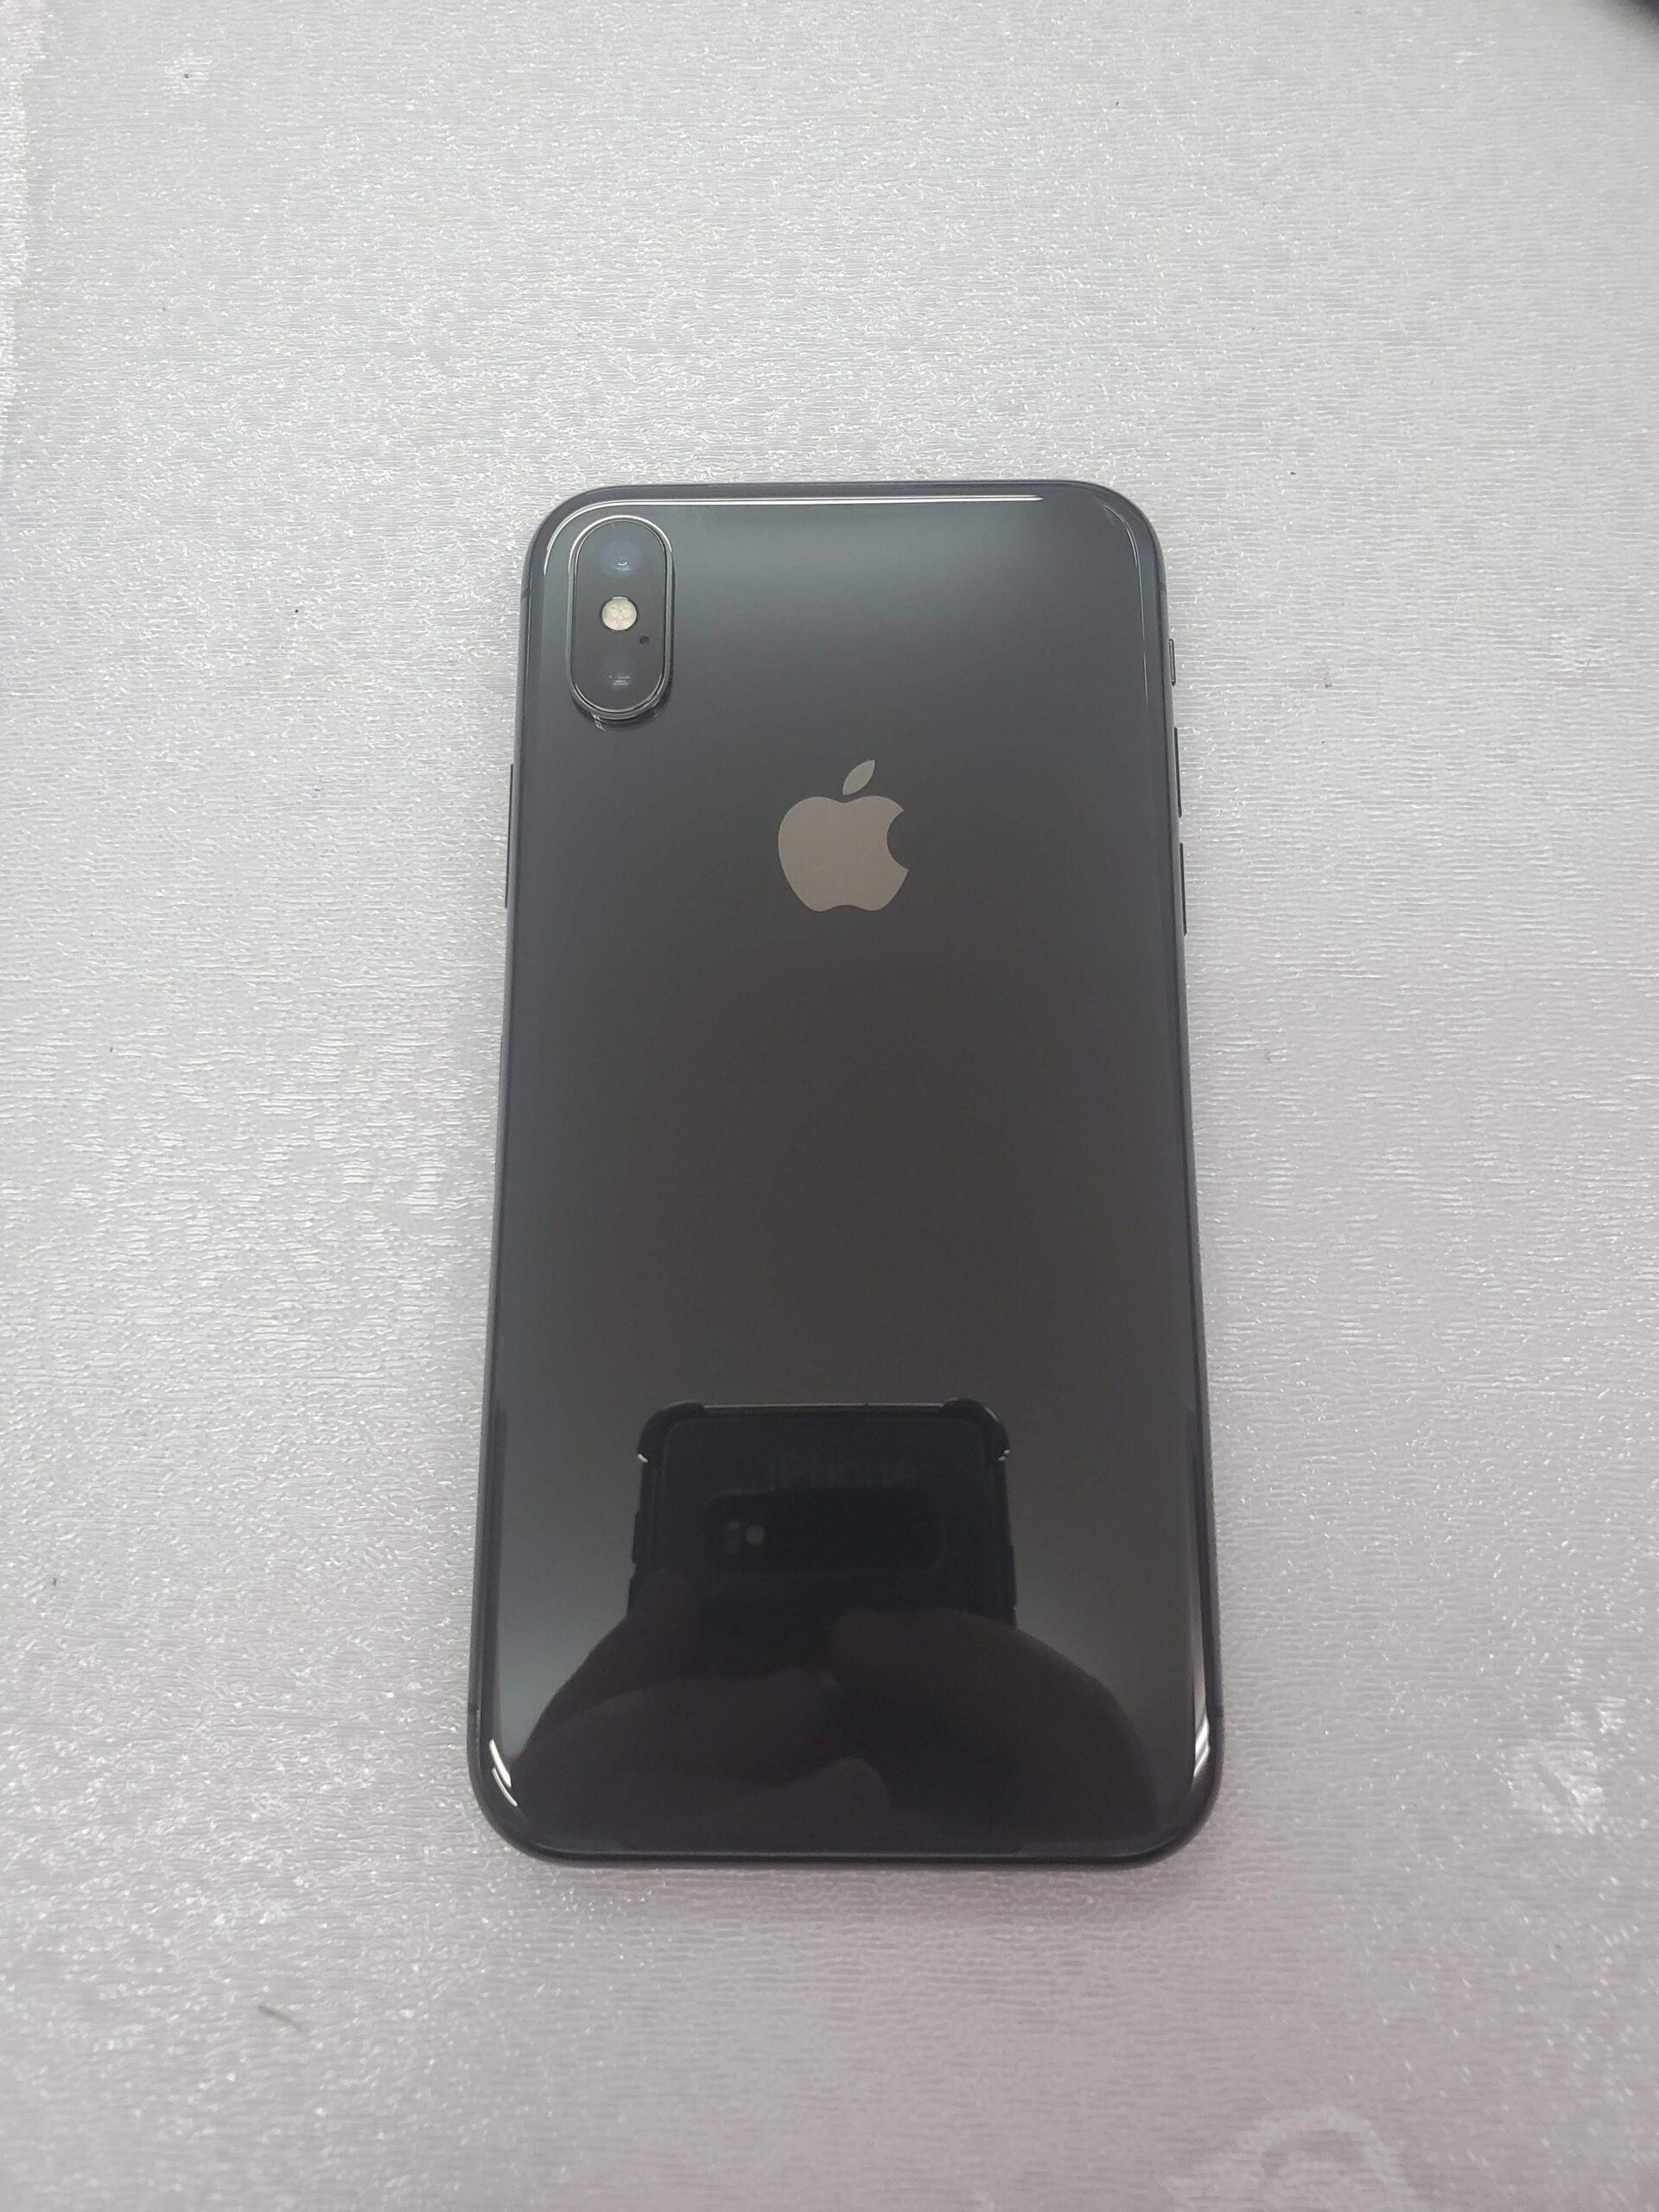 iphoneXSカメラレンズ割れ